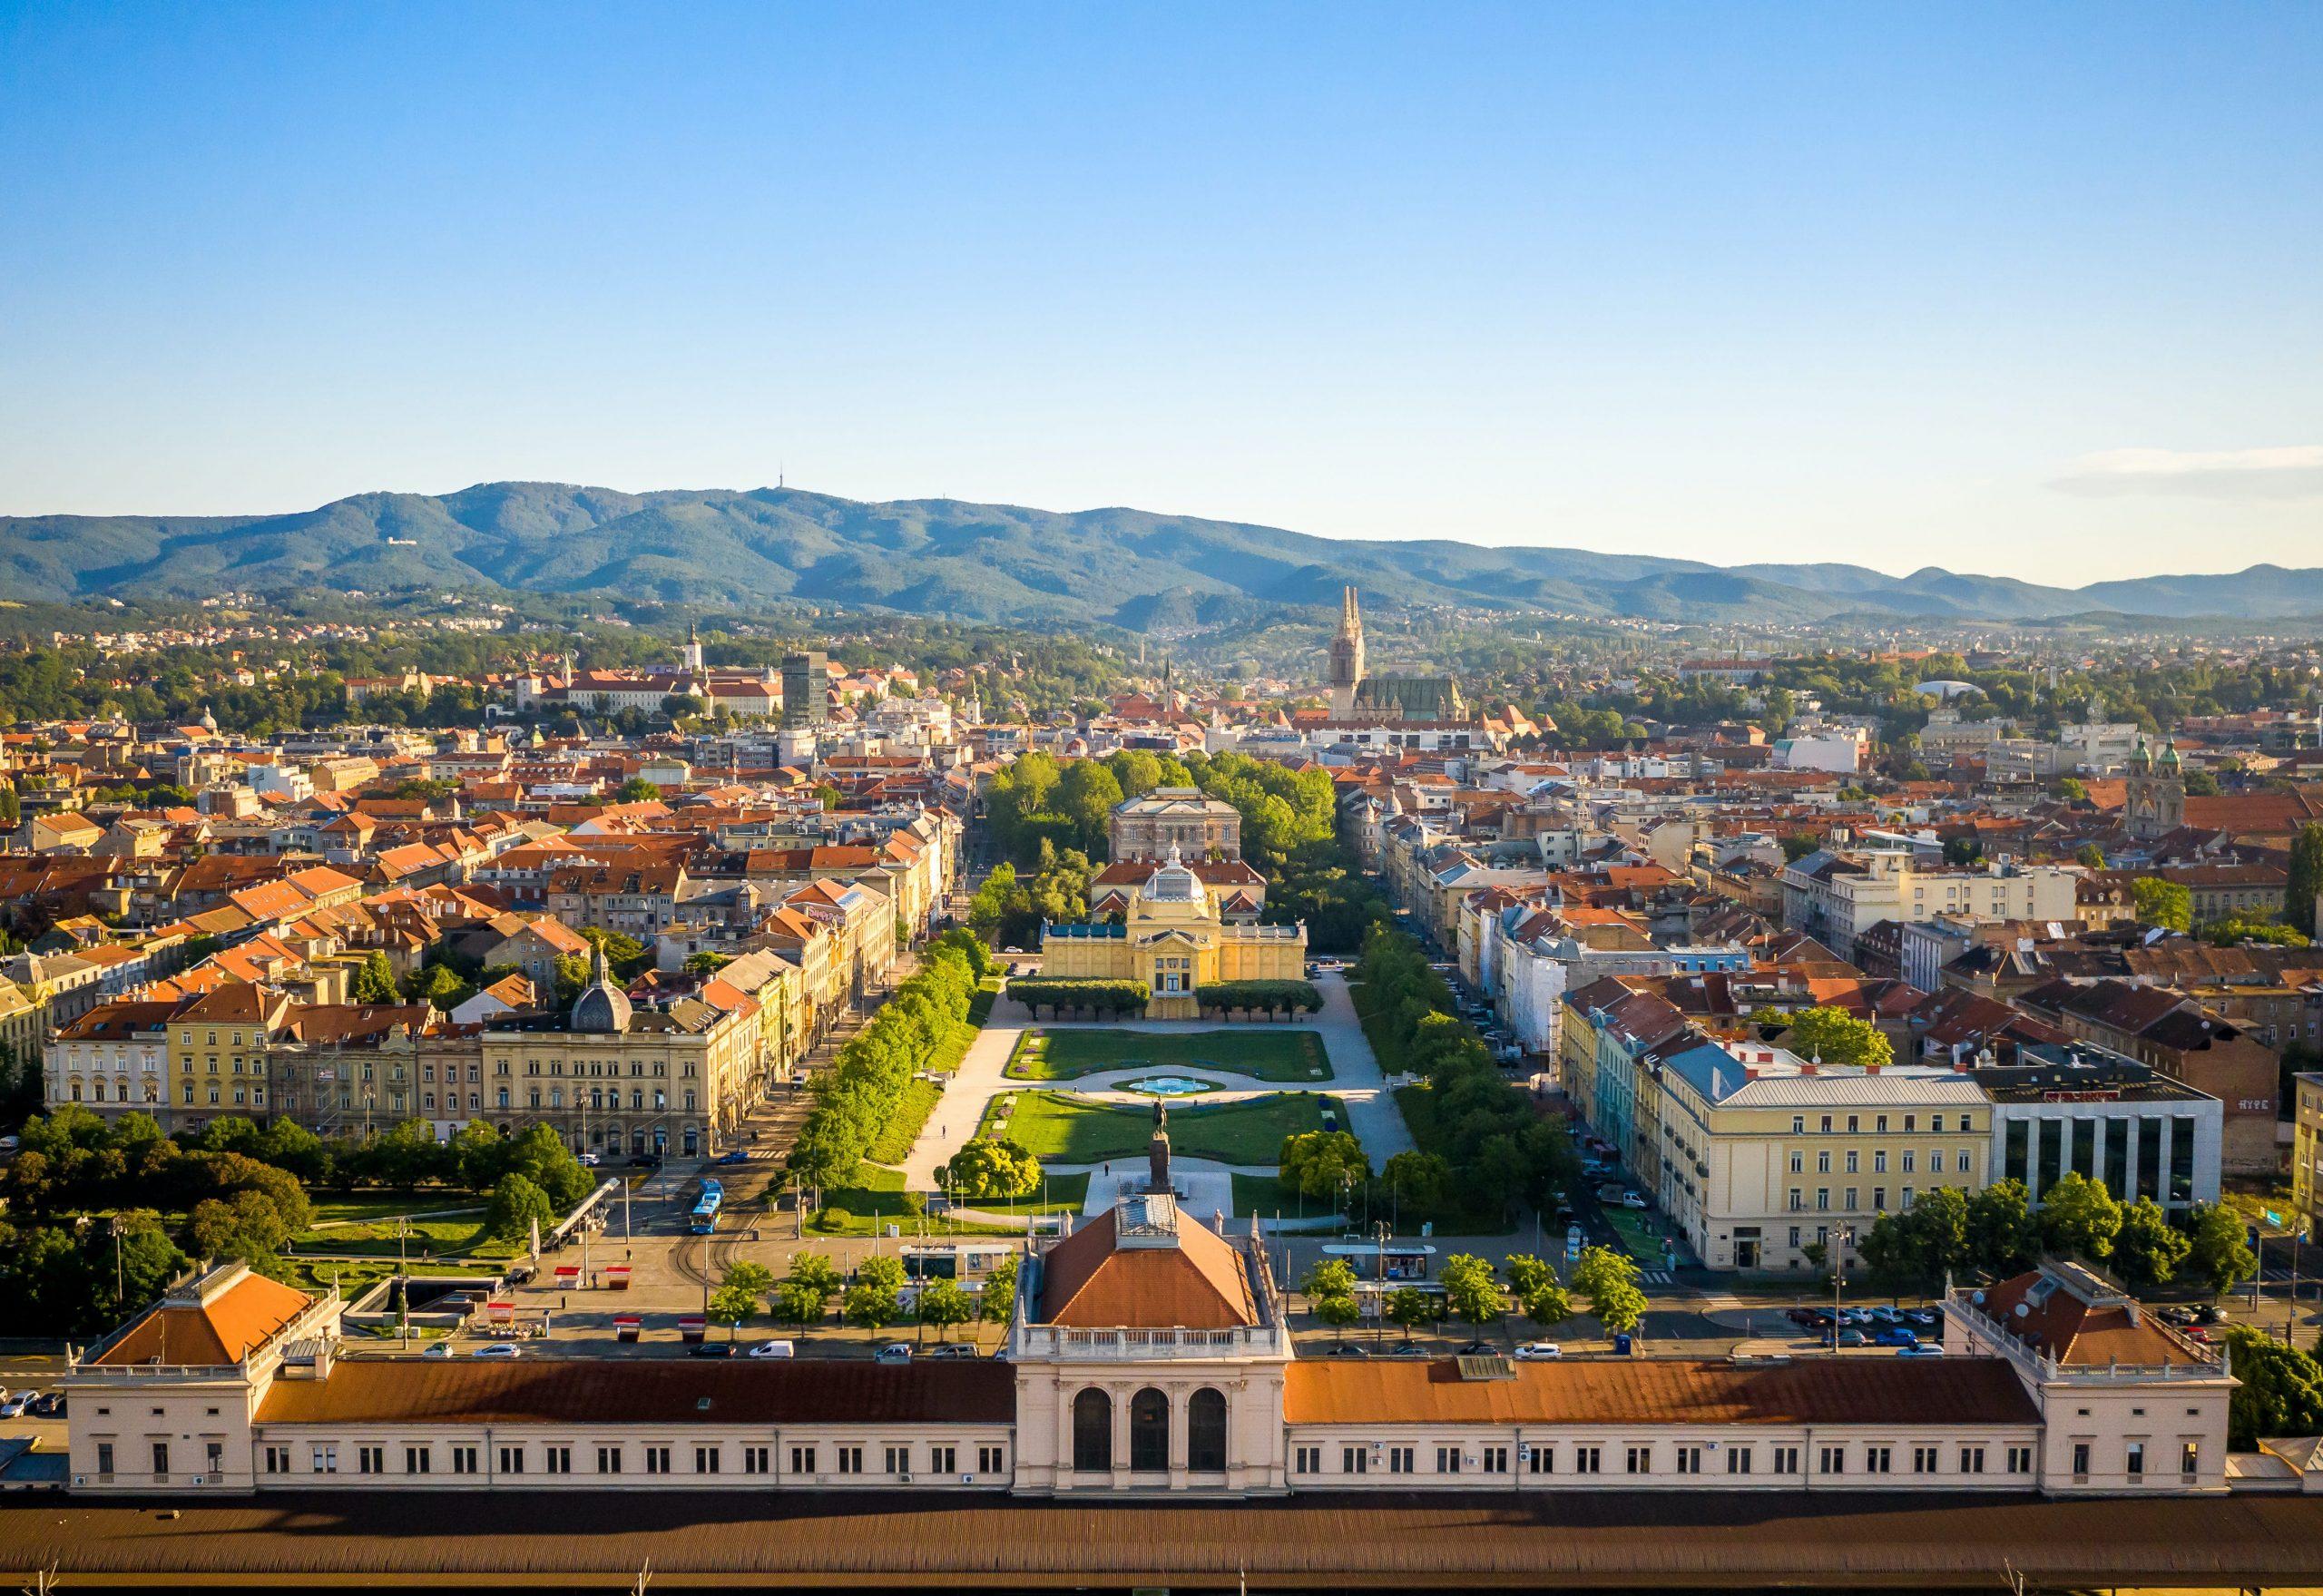 クロアチアにあるホテルチェーンまとめ